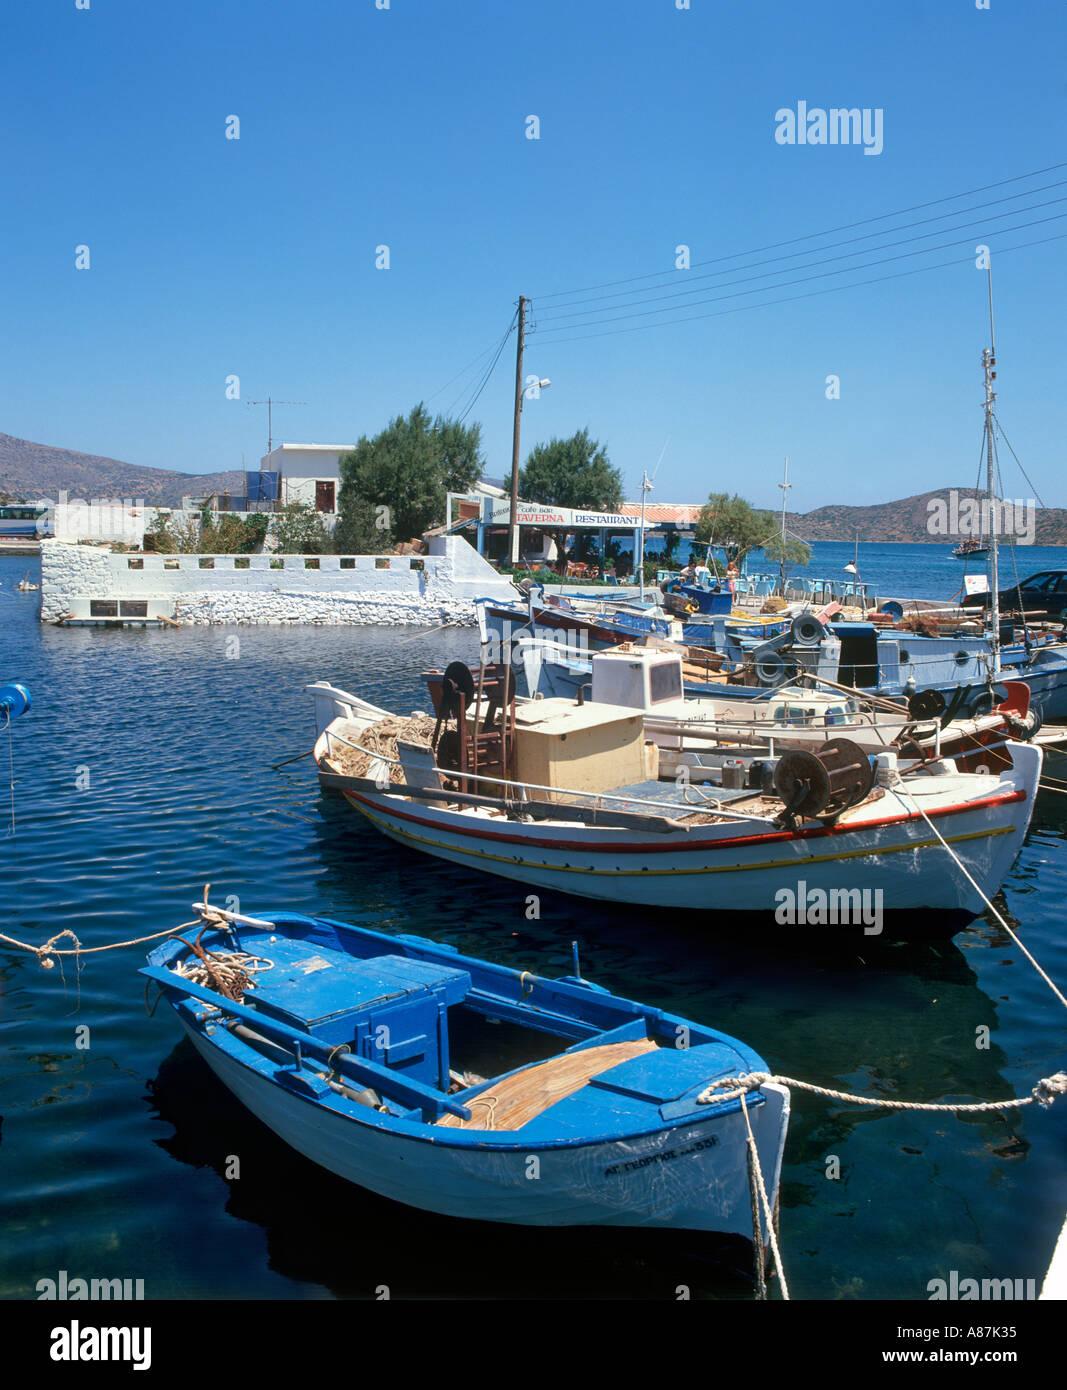 Bateaux de pêche dans le port avec une taverne derrière, Elounda, Crète, Grèce en 1993 Photo Stock